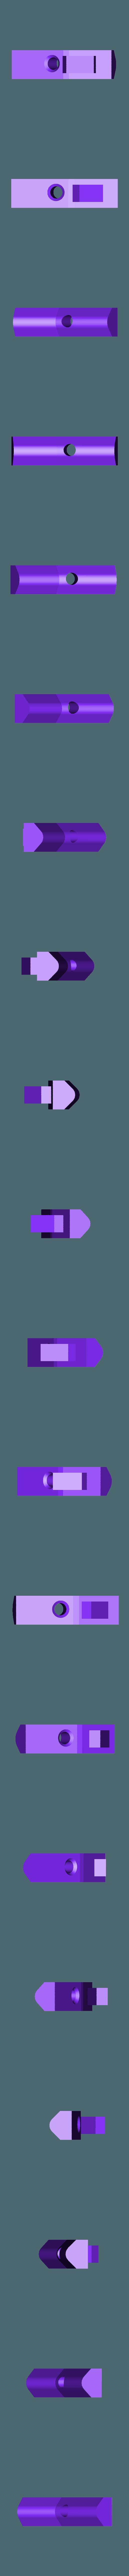 SupportsTest-Body1.stl Télécharger fichier STL gratuit SupportsTest • Modèle pour impression 3D, Wilko